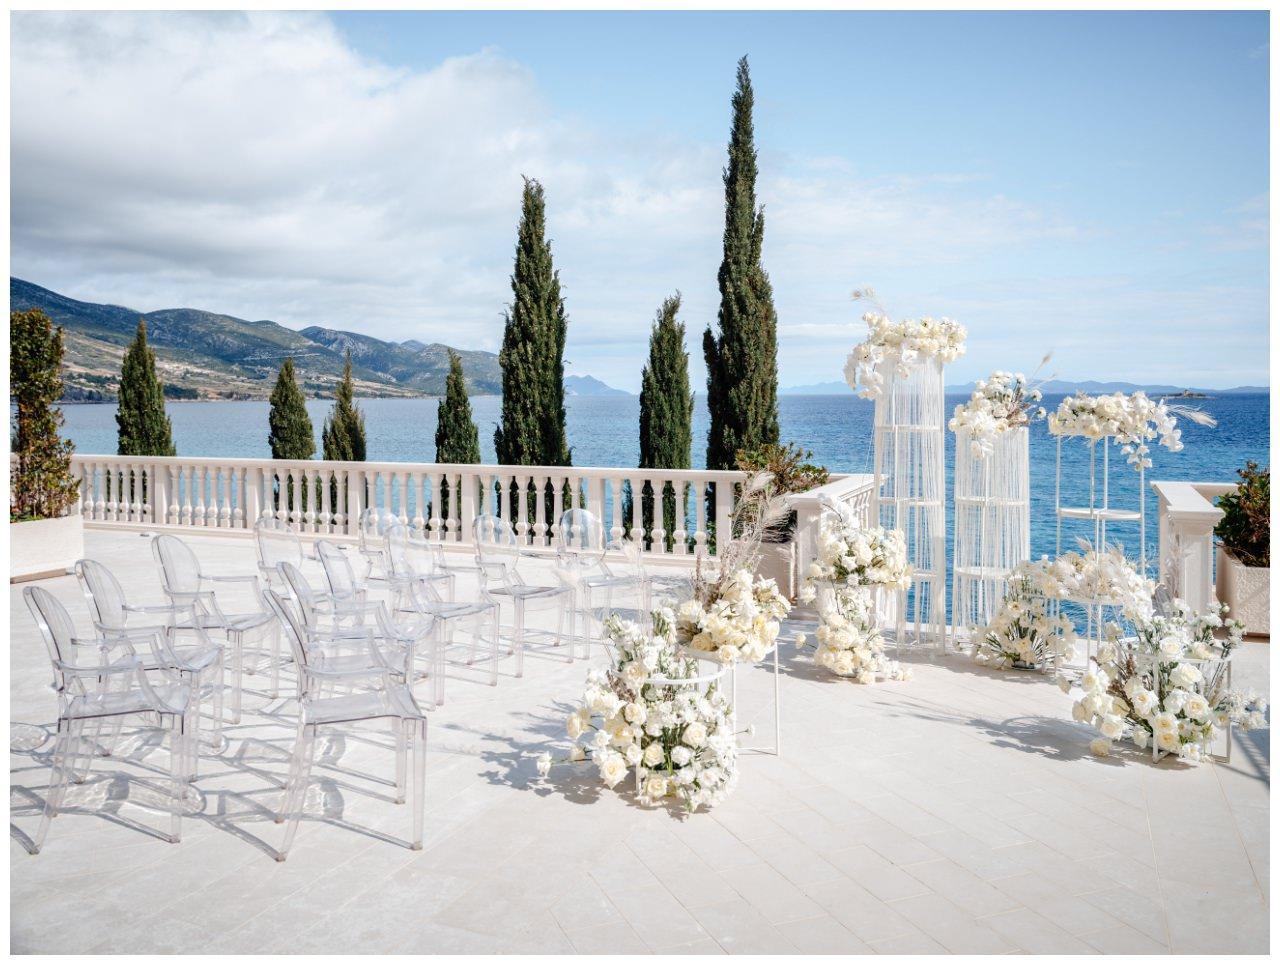 Hochzeit Kroatien Hochzeitsplanung Hochzeitsplaner Fotograf 7 - Luxuriöse Hochzeit in Weiß